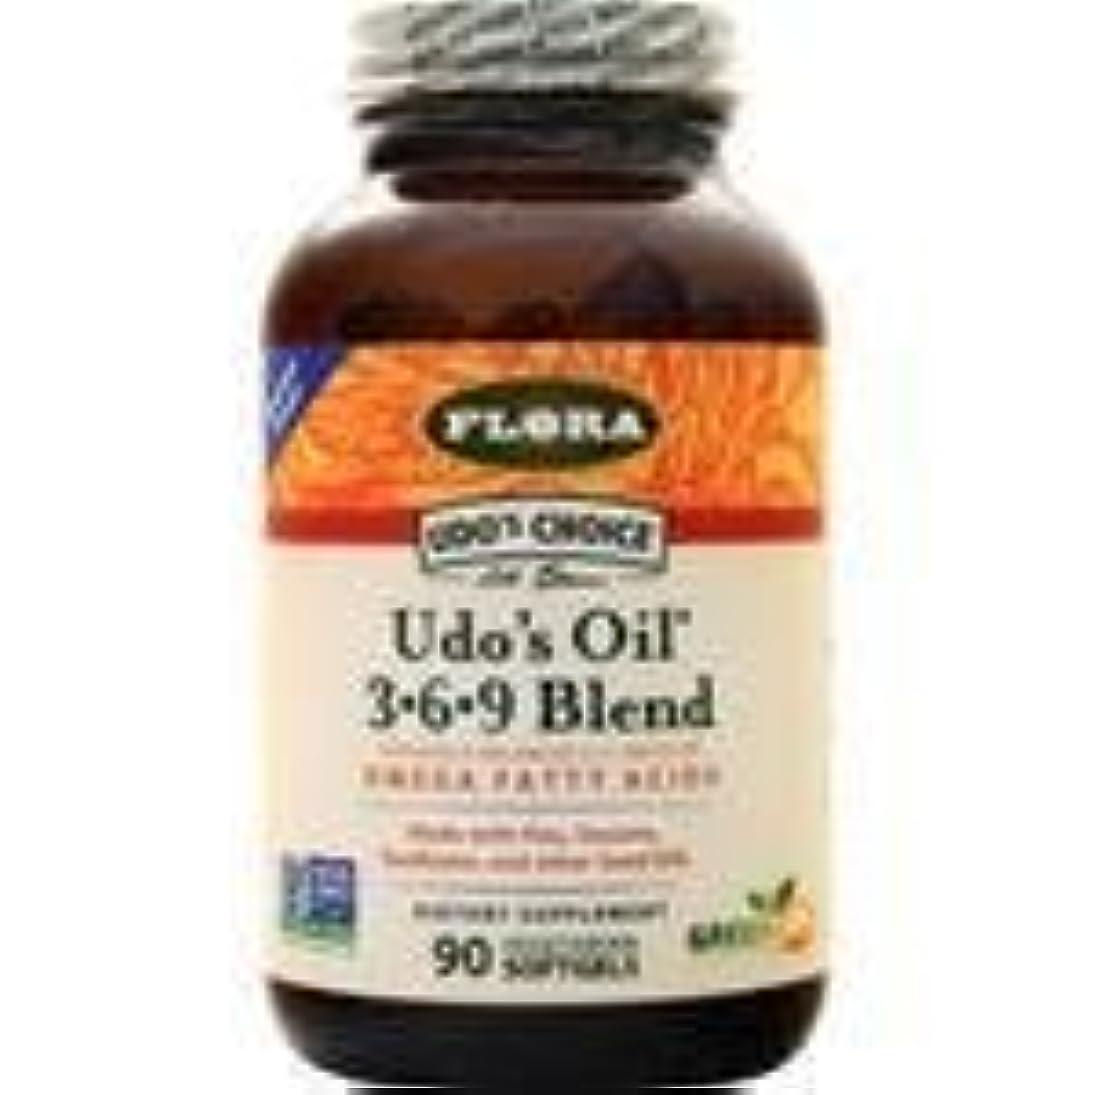 バナナ分スパイUdo's Choice Udo's Oil 3-6-9 Blend 90 sgels 2個パック